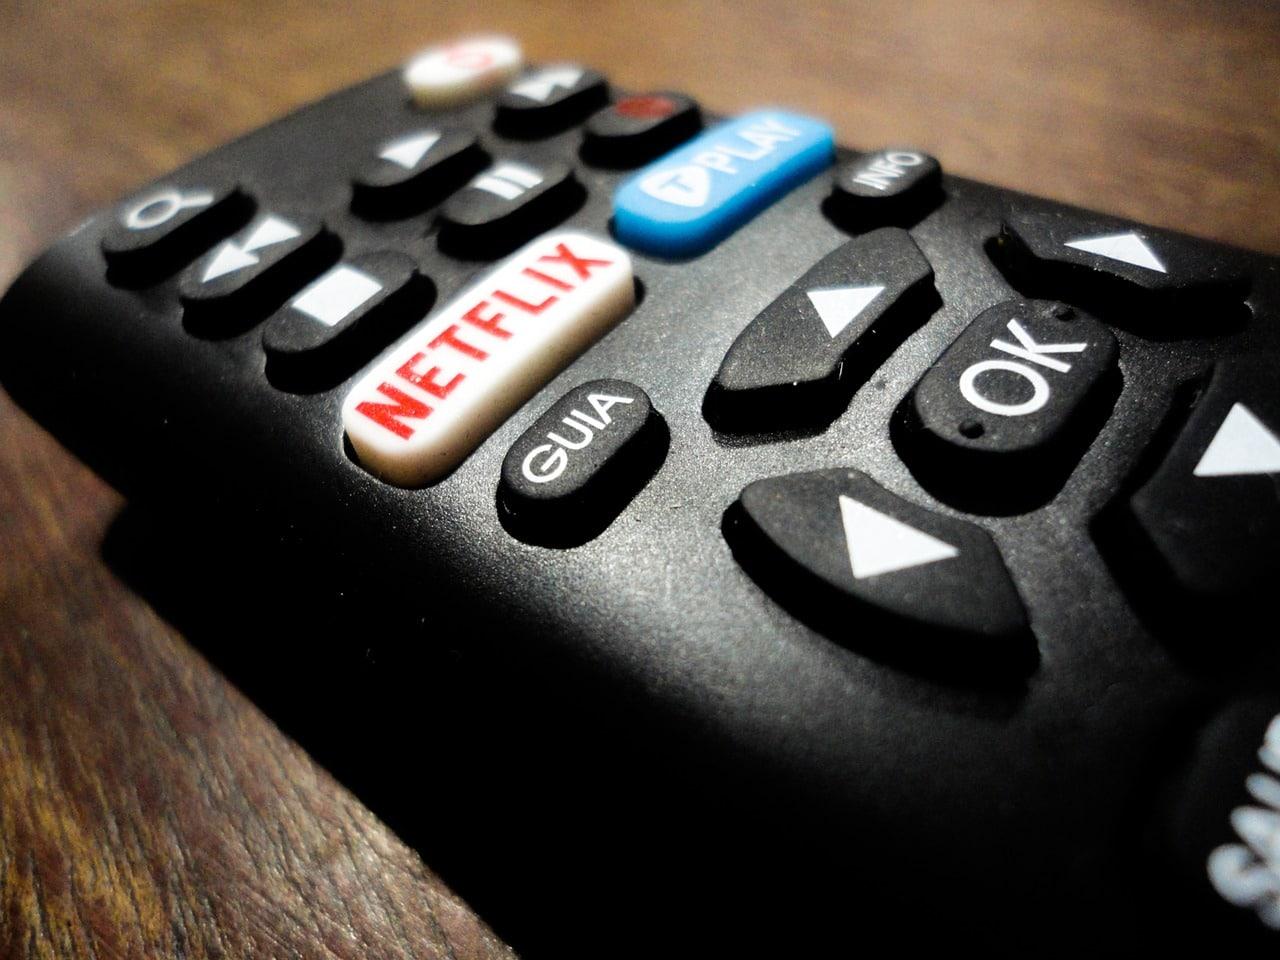 Comment faire pour avoir Netflix ?